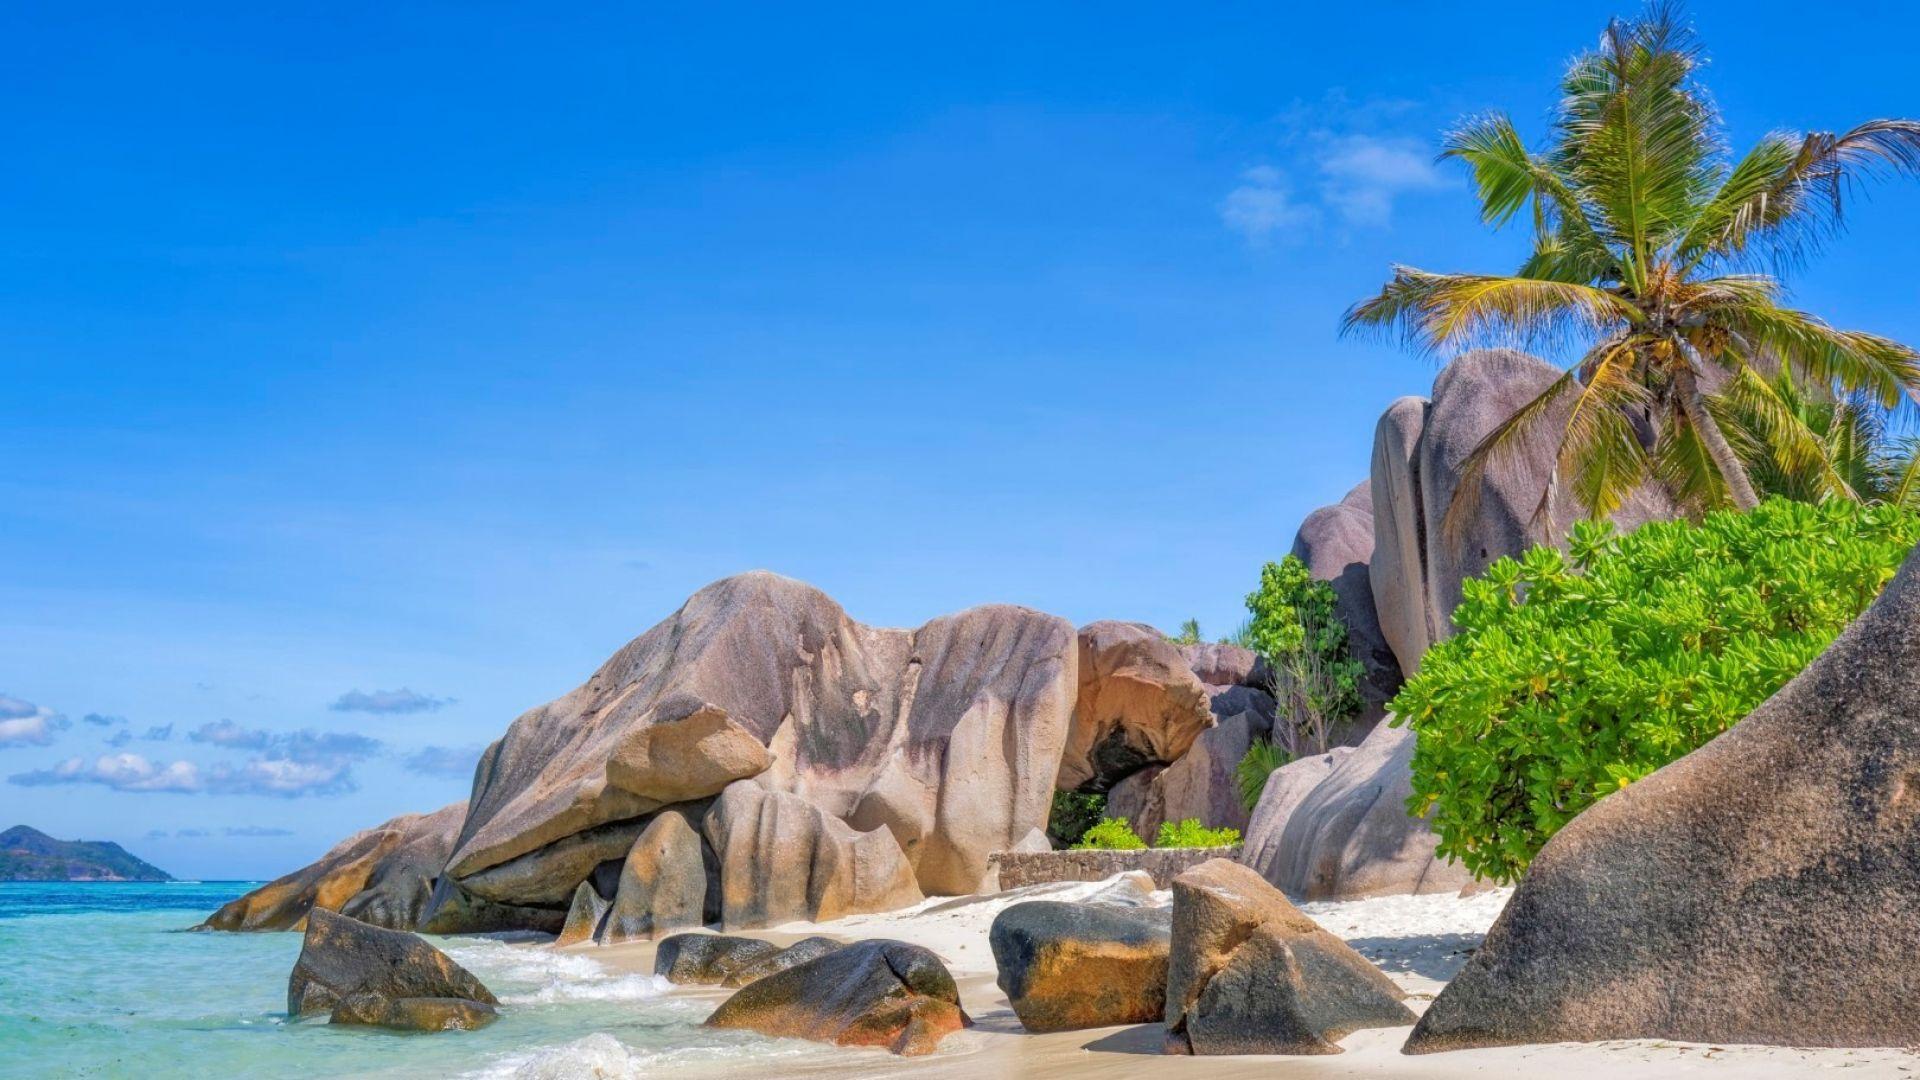 Най-сниманият плаж на света е на Сейшелите (+ практически наръчник)